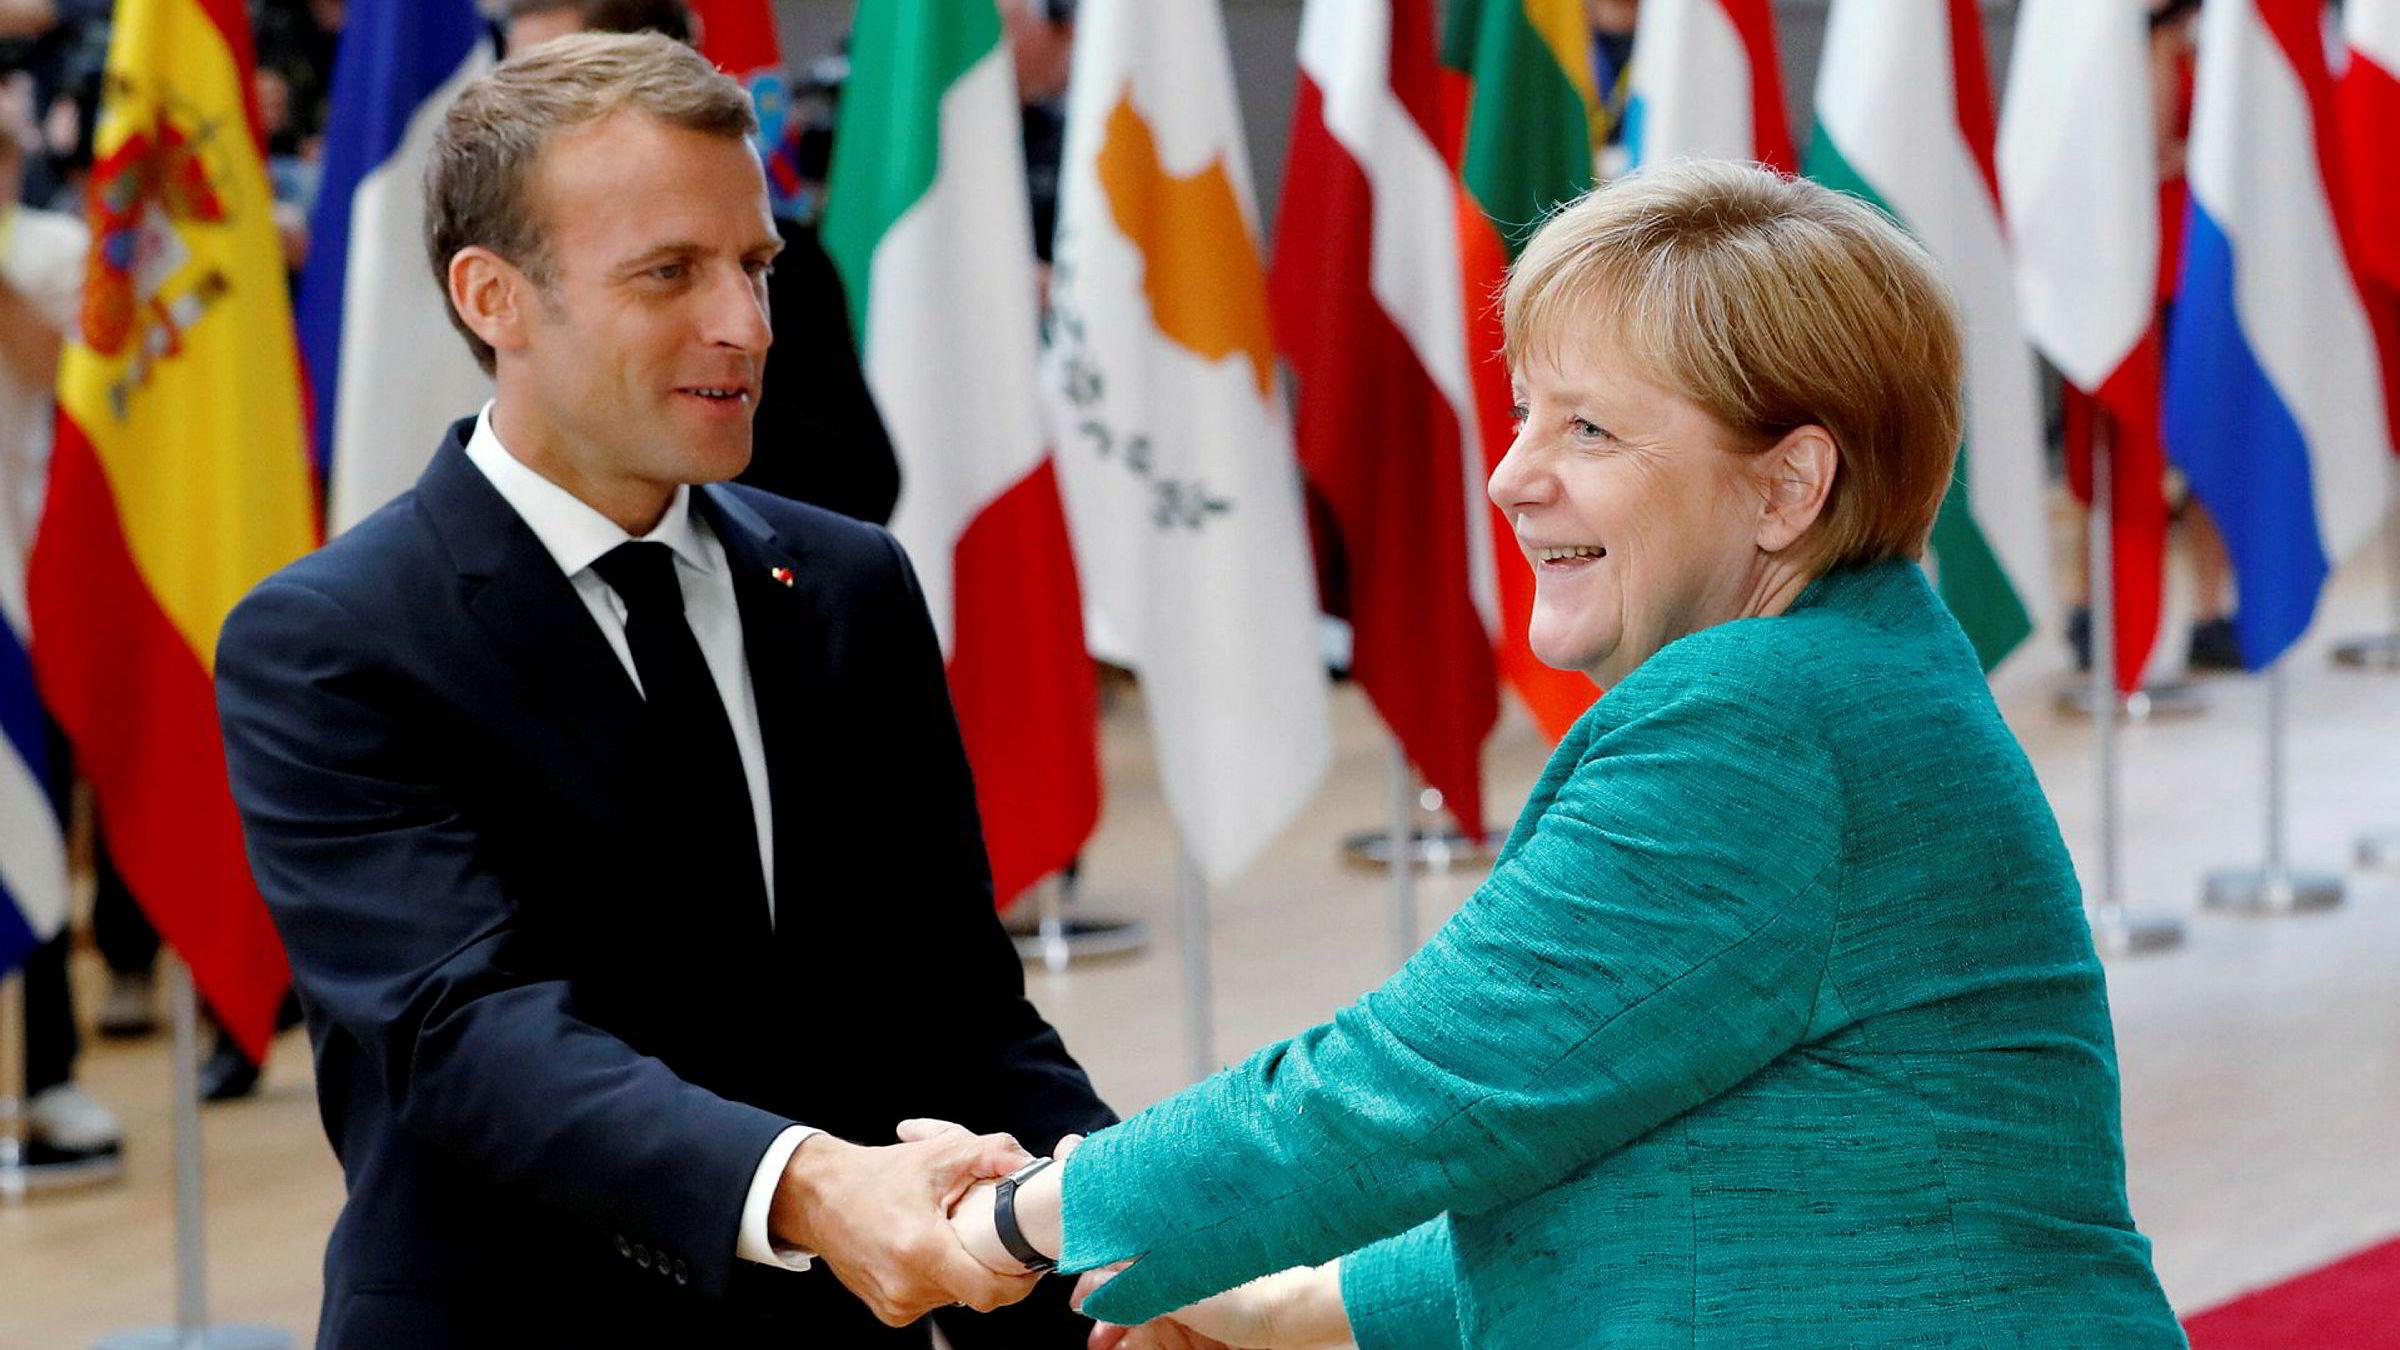 Torsdag samlet EUs statsledere seg til toppmøte i Brussel for å diskutere utfordringene kontinentet og unionen står overfor. Her hilser Tysklands kansler Angela Merkel og Frankrikes president Emmanuel Macron idet de ankommer toppmøtet i Brussel.